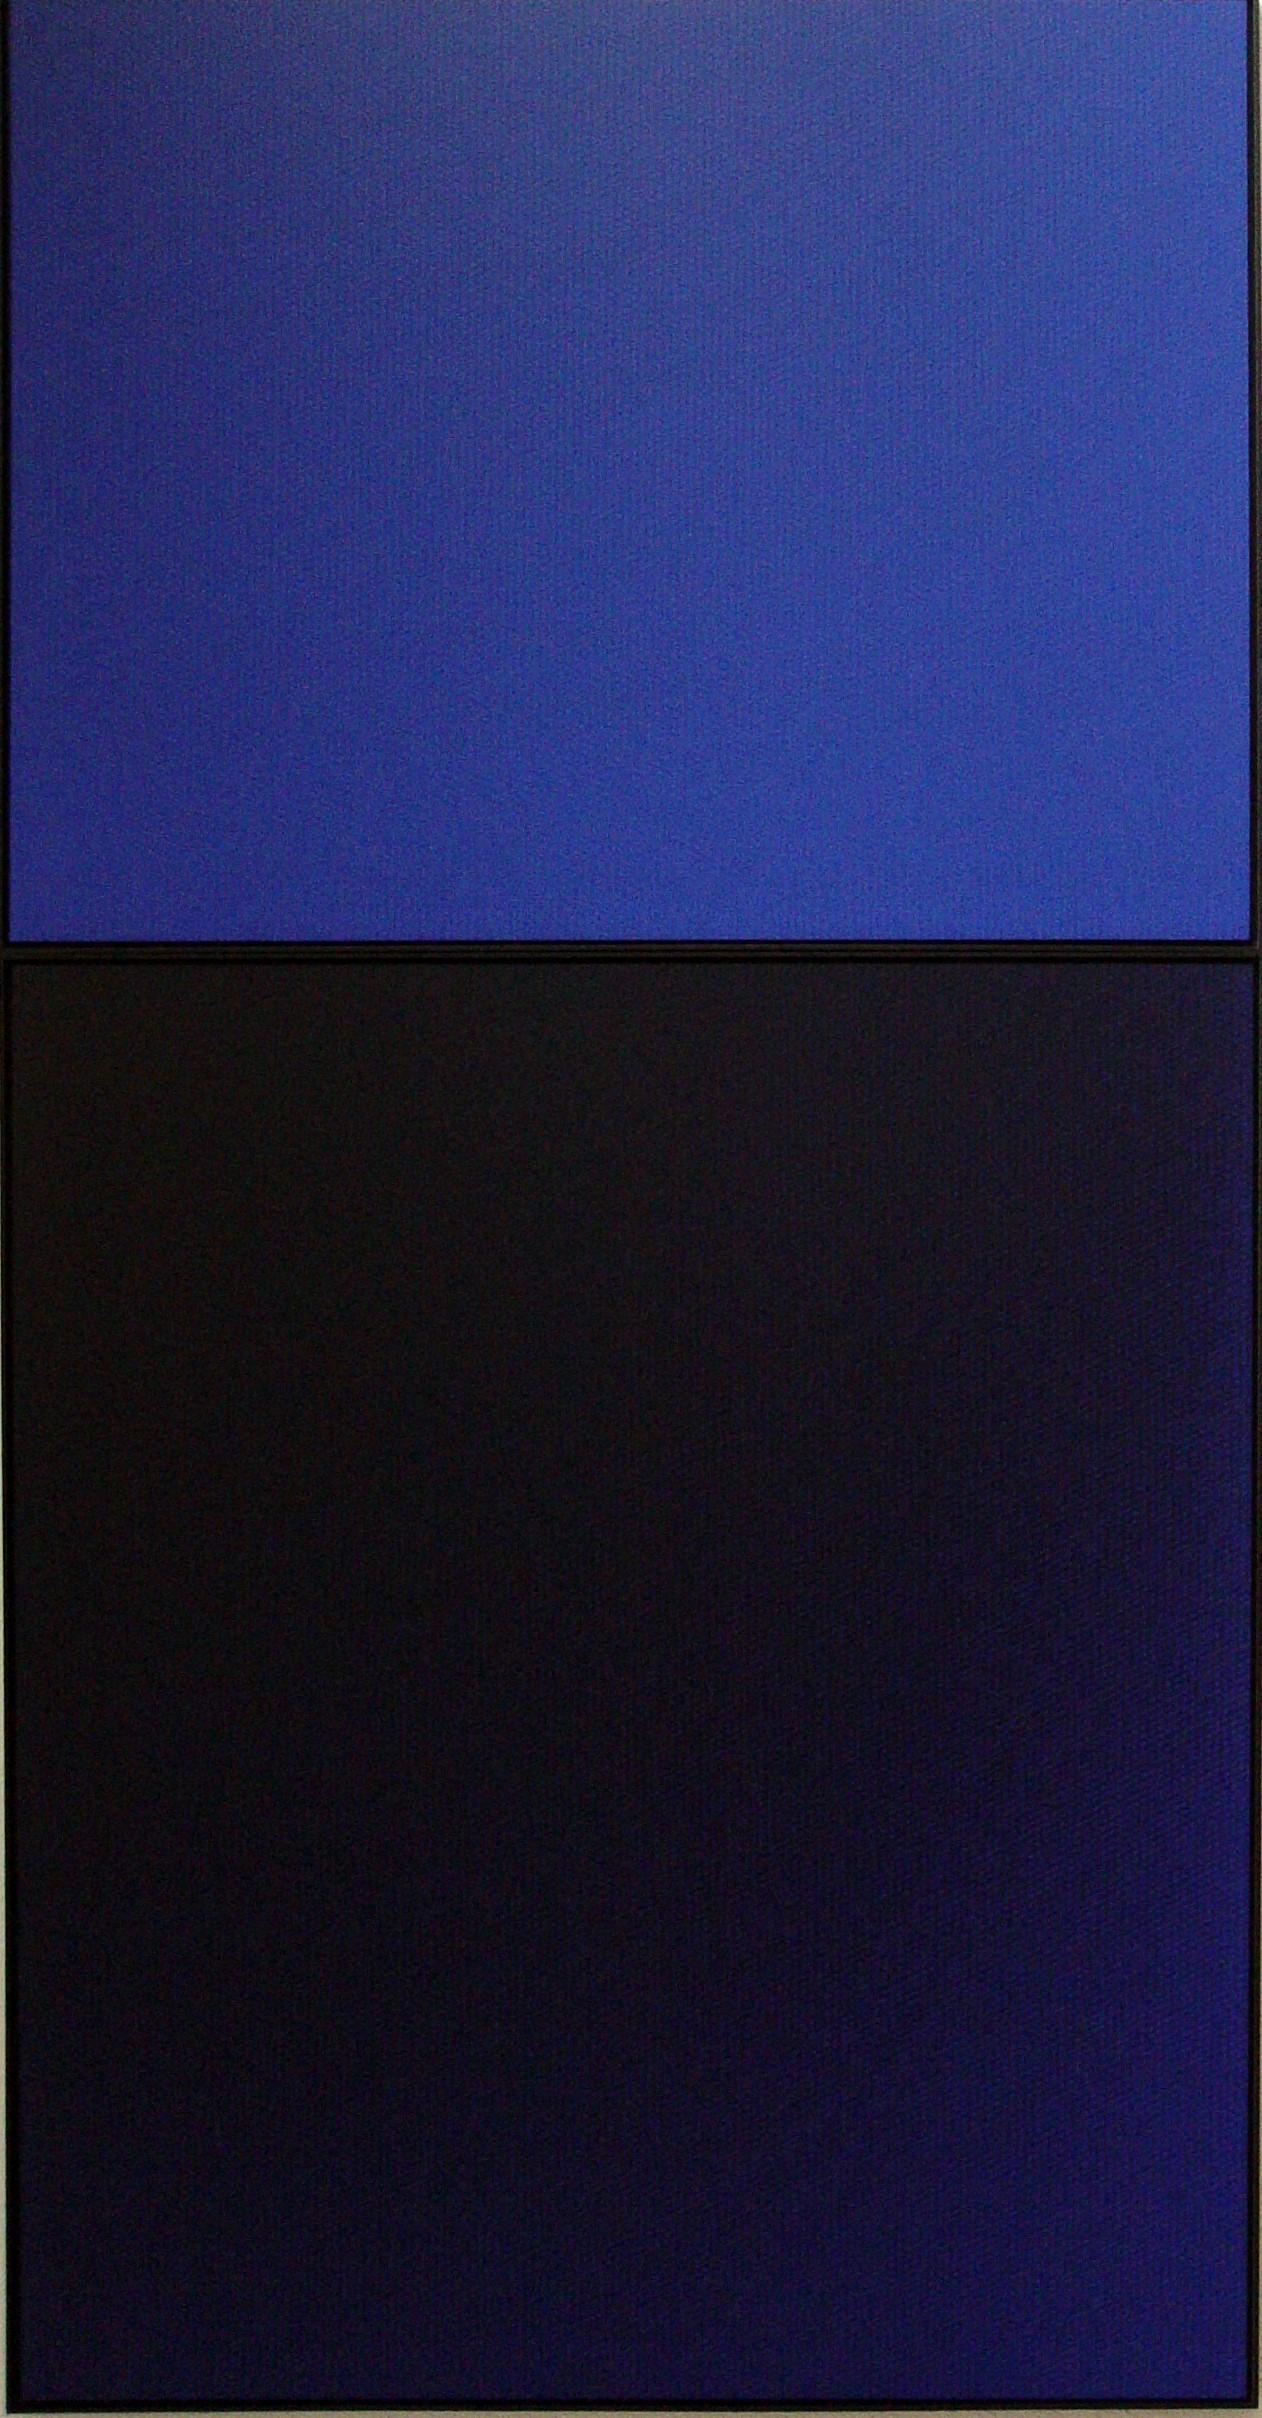 Scharein - Deep Blue, 1998/2008 - www.scharein.de